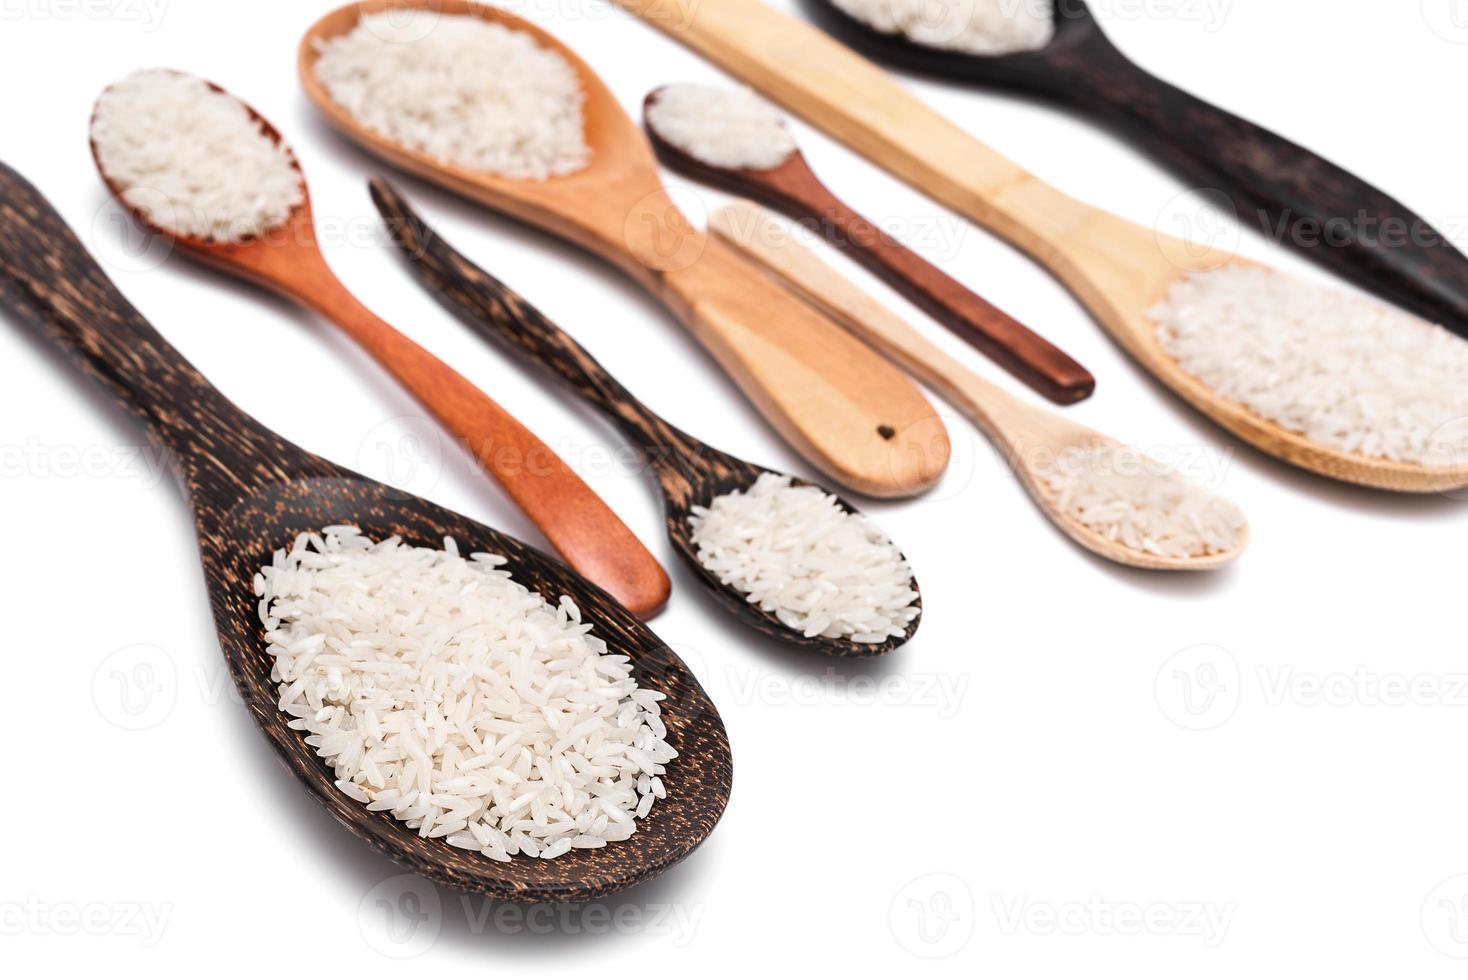 Satz verschiedene Holzlöffel mit weißem Reis foto